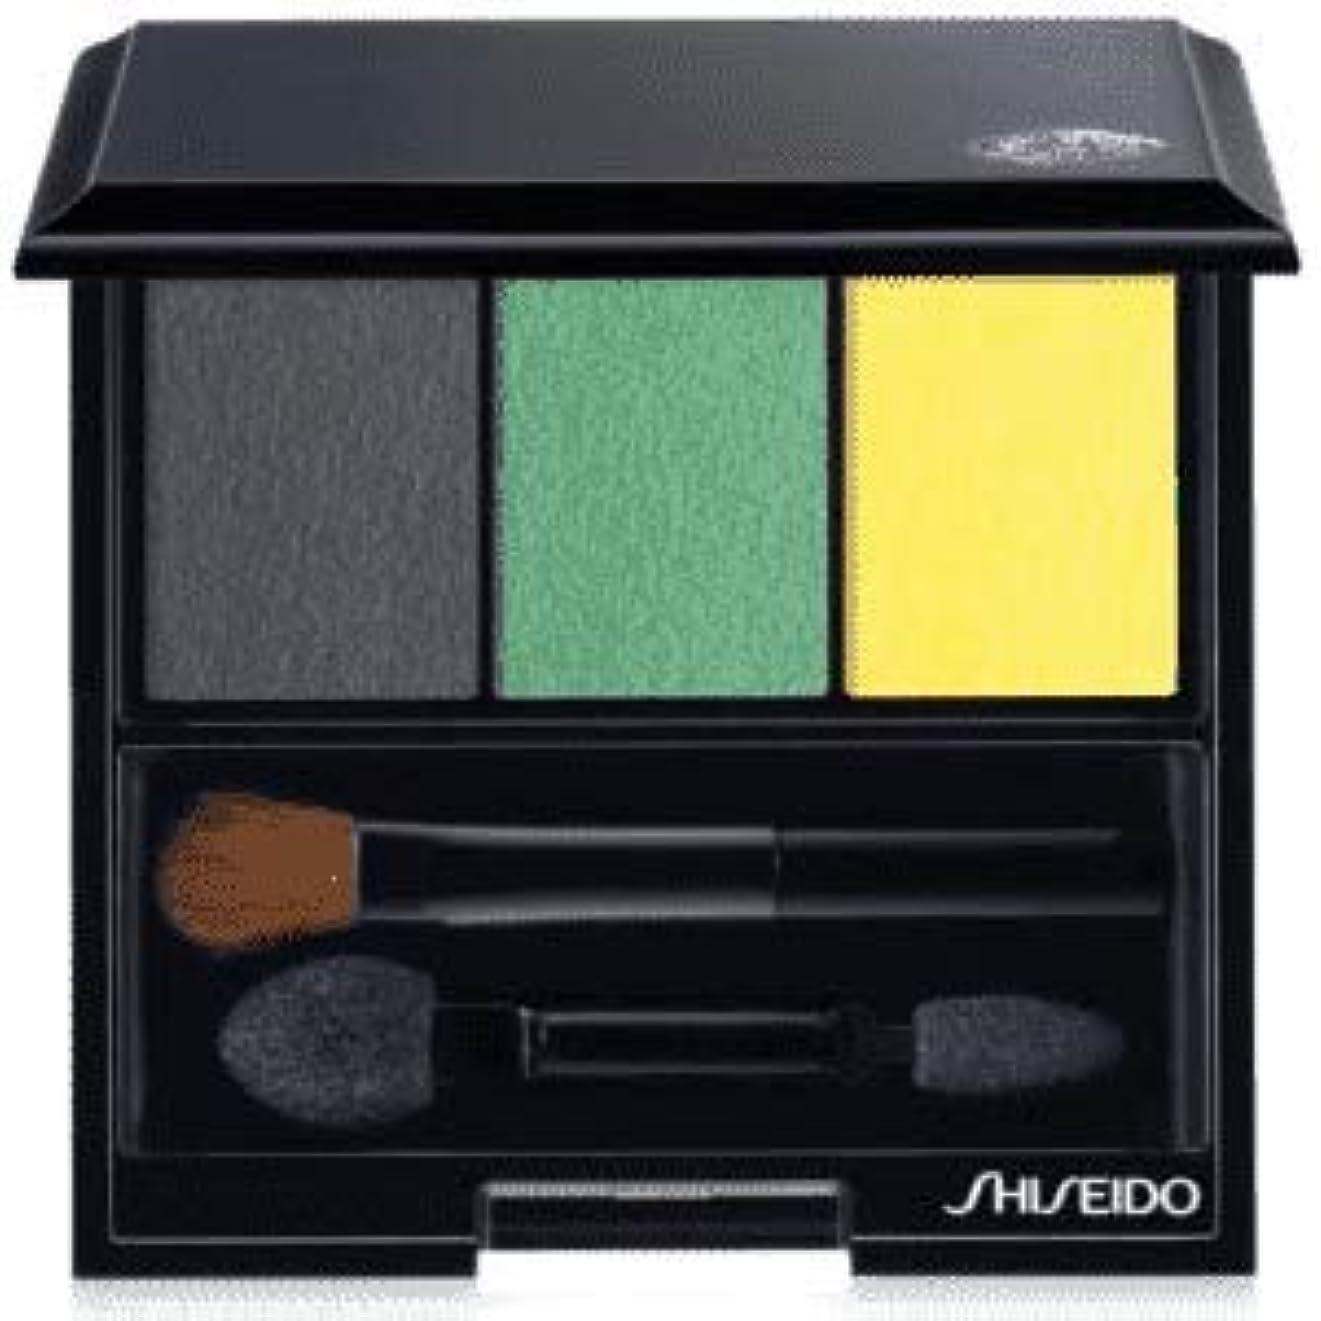 太平洋諸島ライバル裕福な資生堂 ルミナイジング サテン アイカラー トリオ GR716(Shiseido Luminizing Satin Eye Color Trio GR716) [並行輸入品]